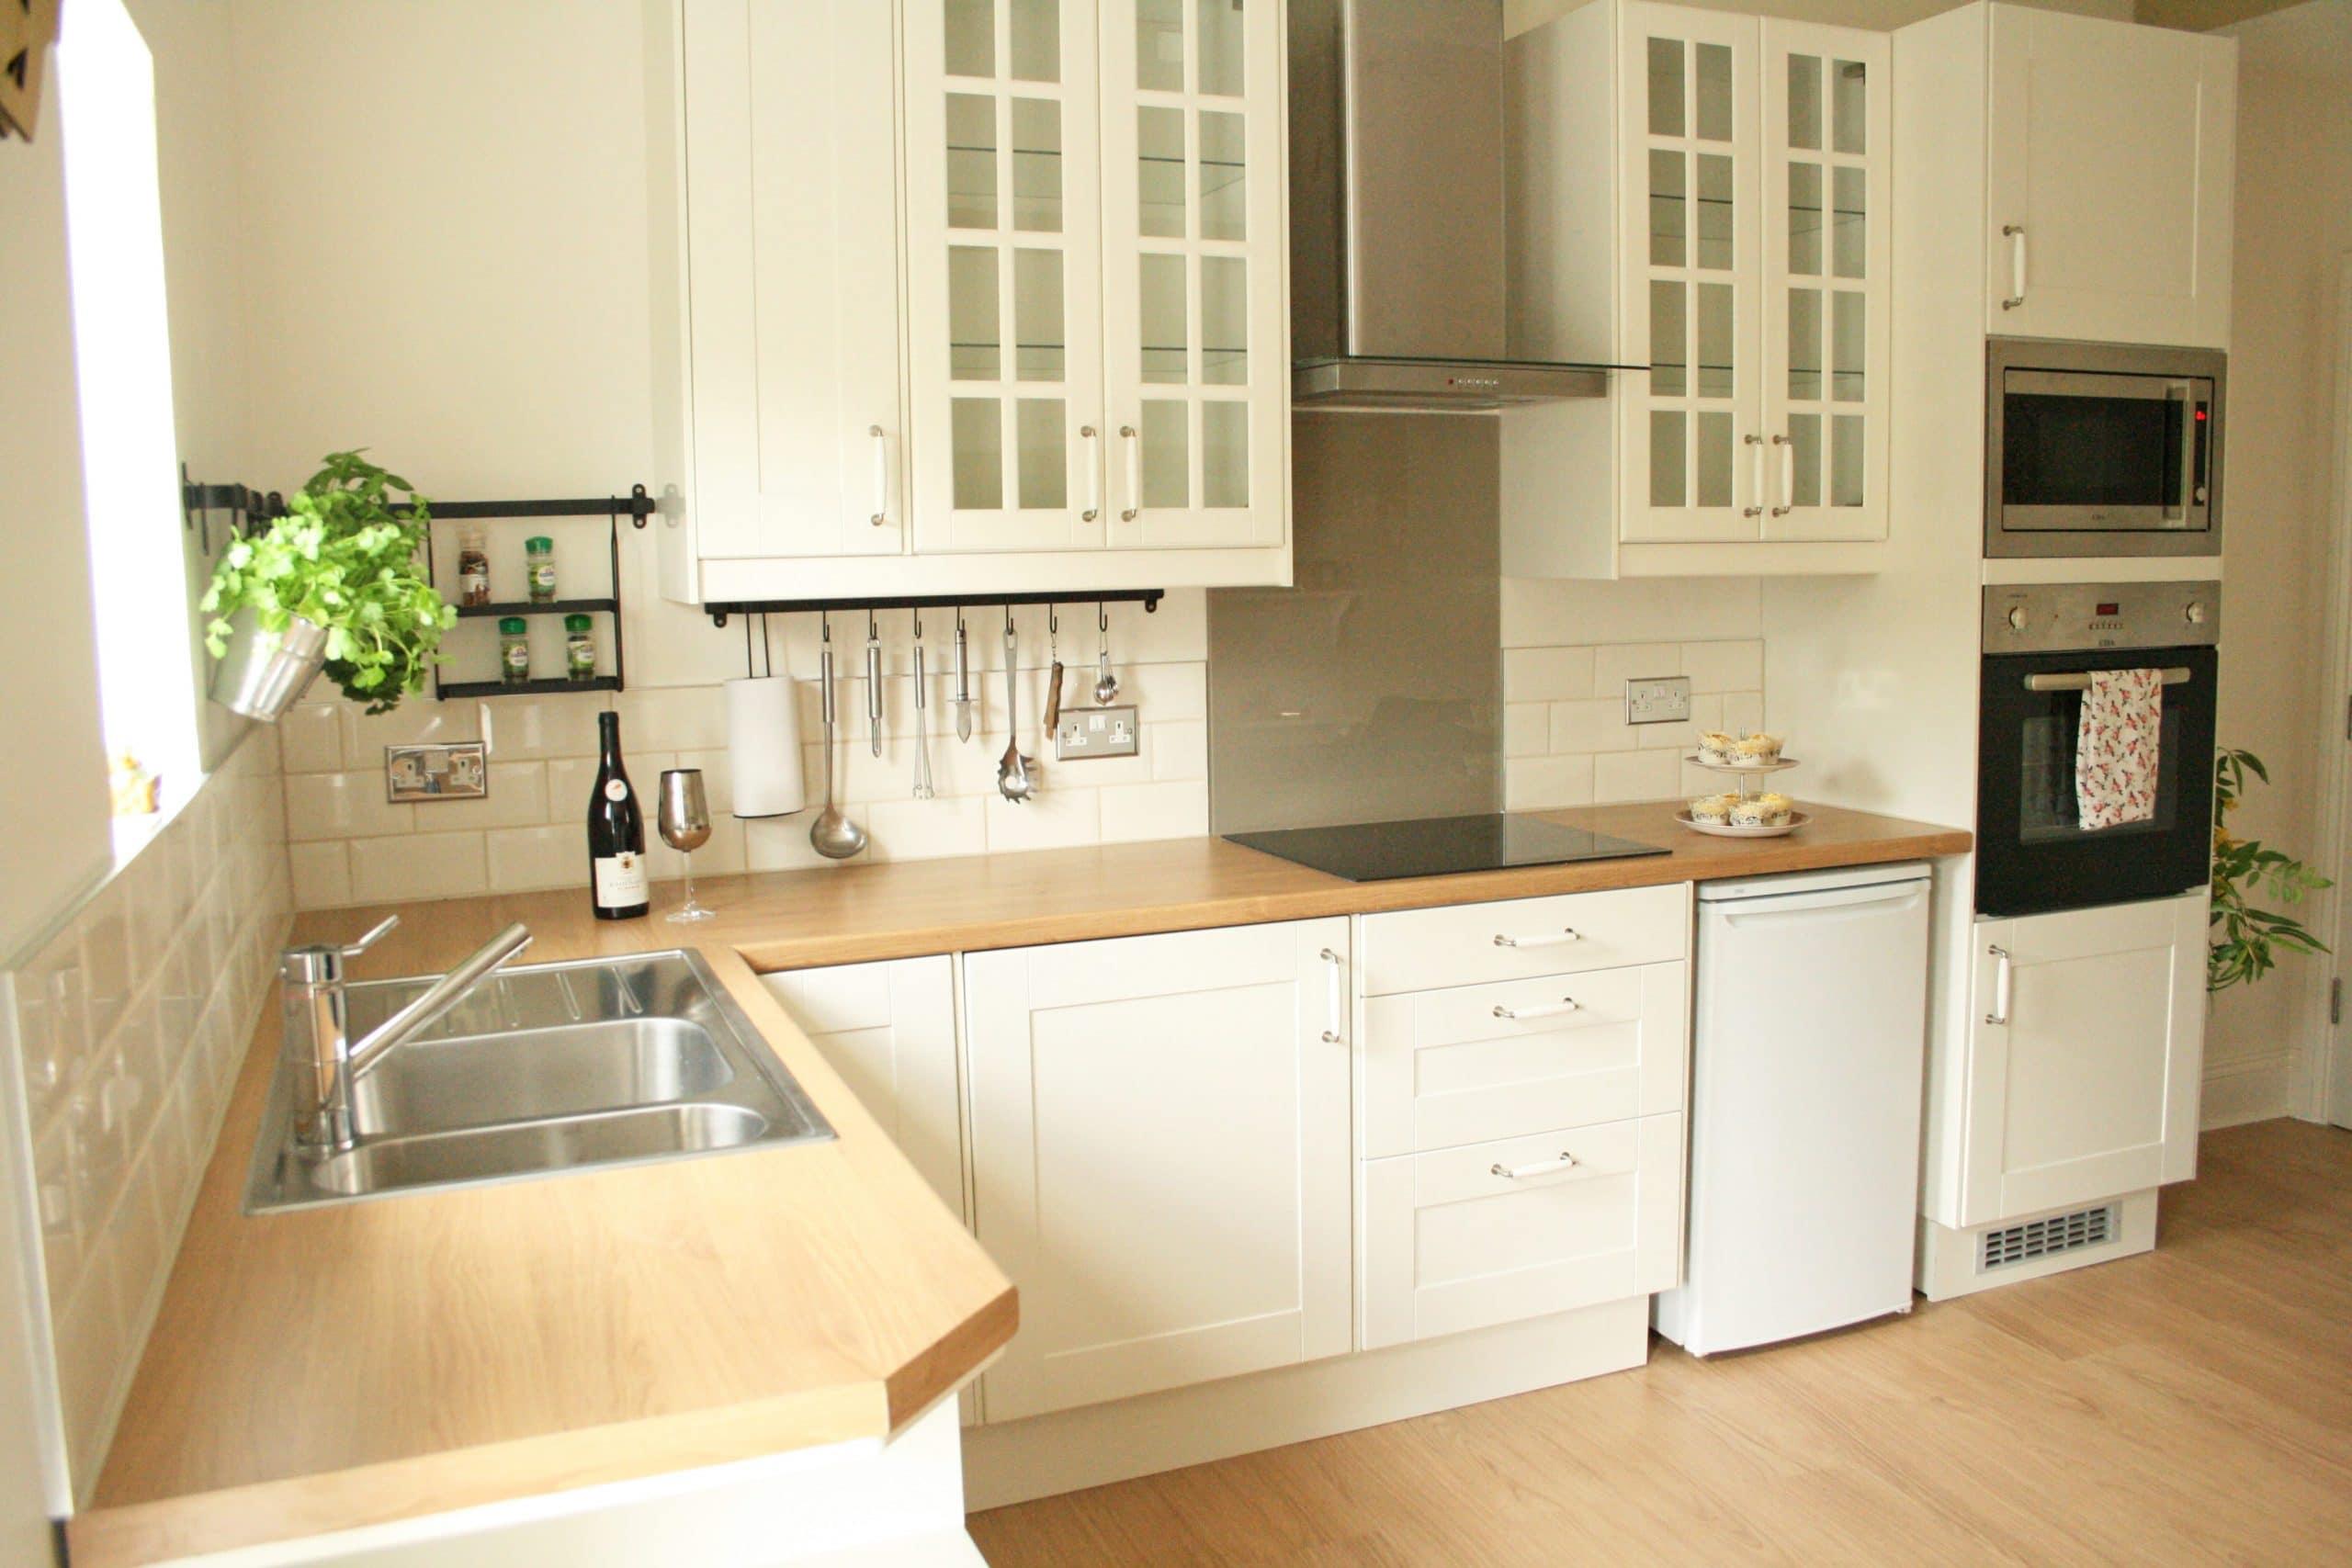 Ideas para renovar la cocina con poco dinero - Ideas cocinas ...